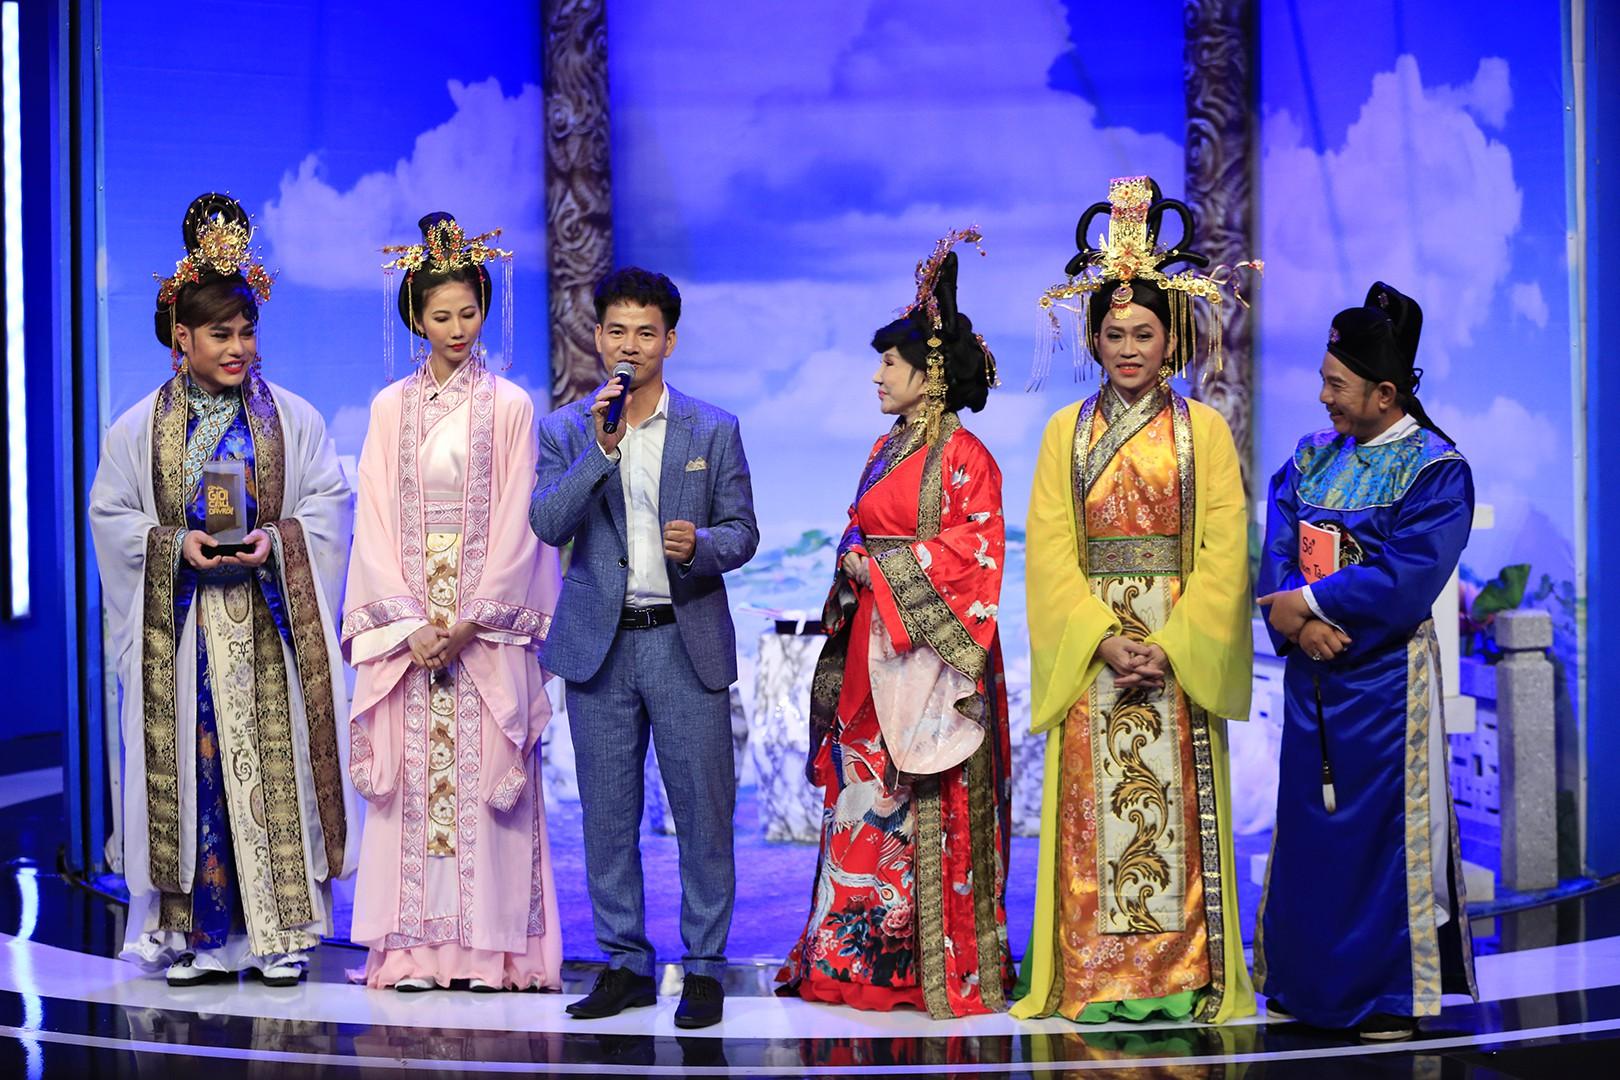 Ơn giời: Giám khảo Hoài Linh phải xông vào phòng Trường Giang để trị Lê Dương Bảo Lâm - Ảnh 5.